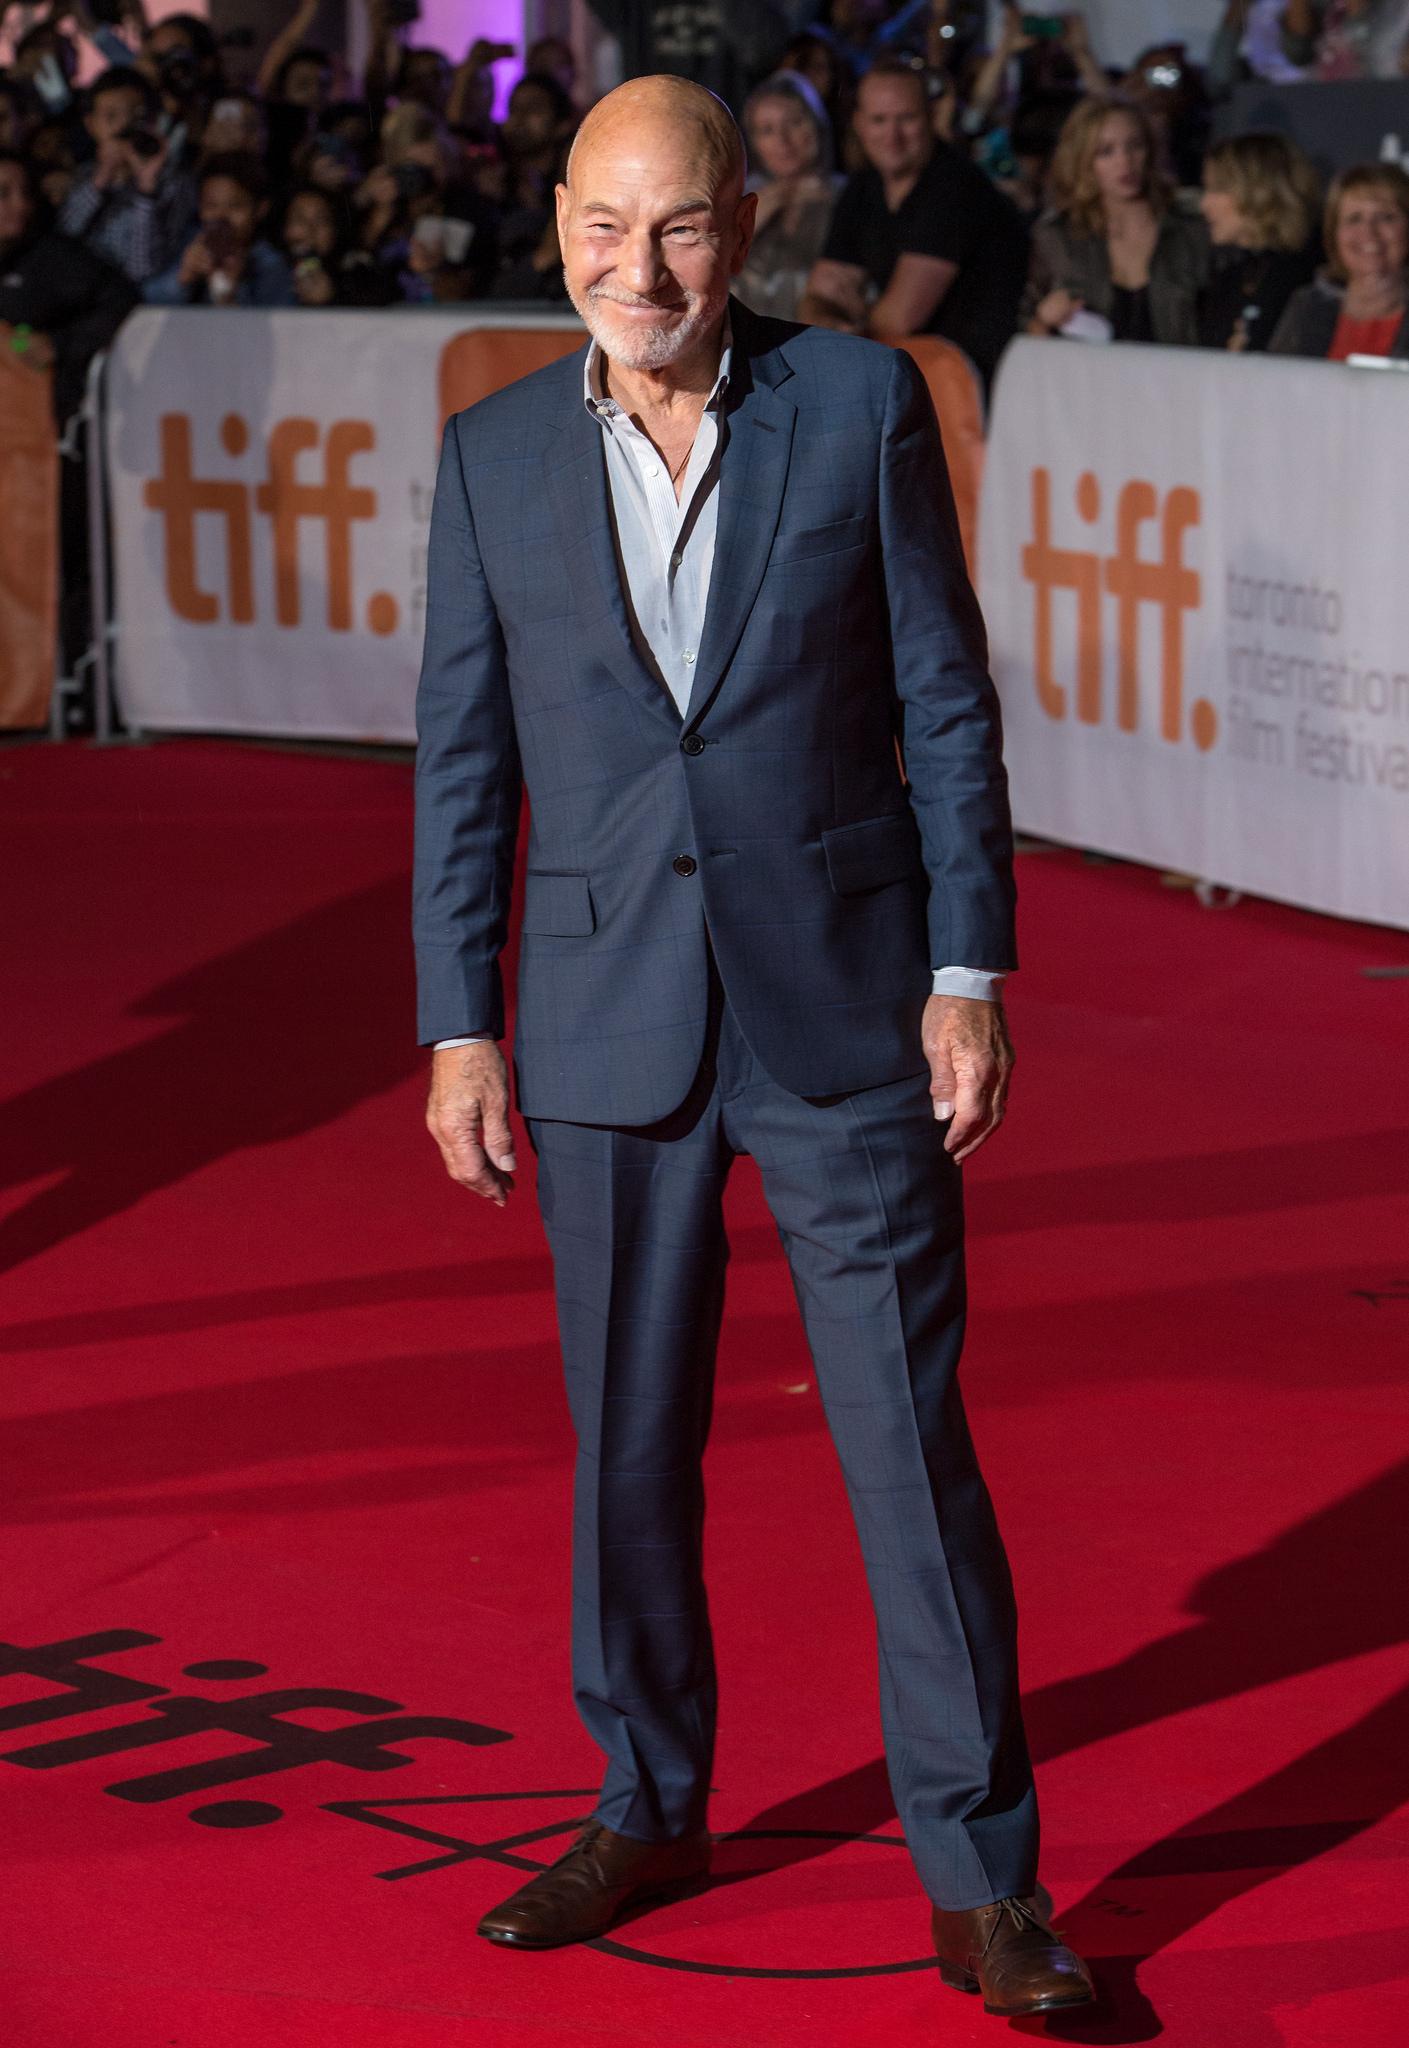 Actor Patrick Stewart attends